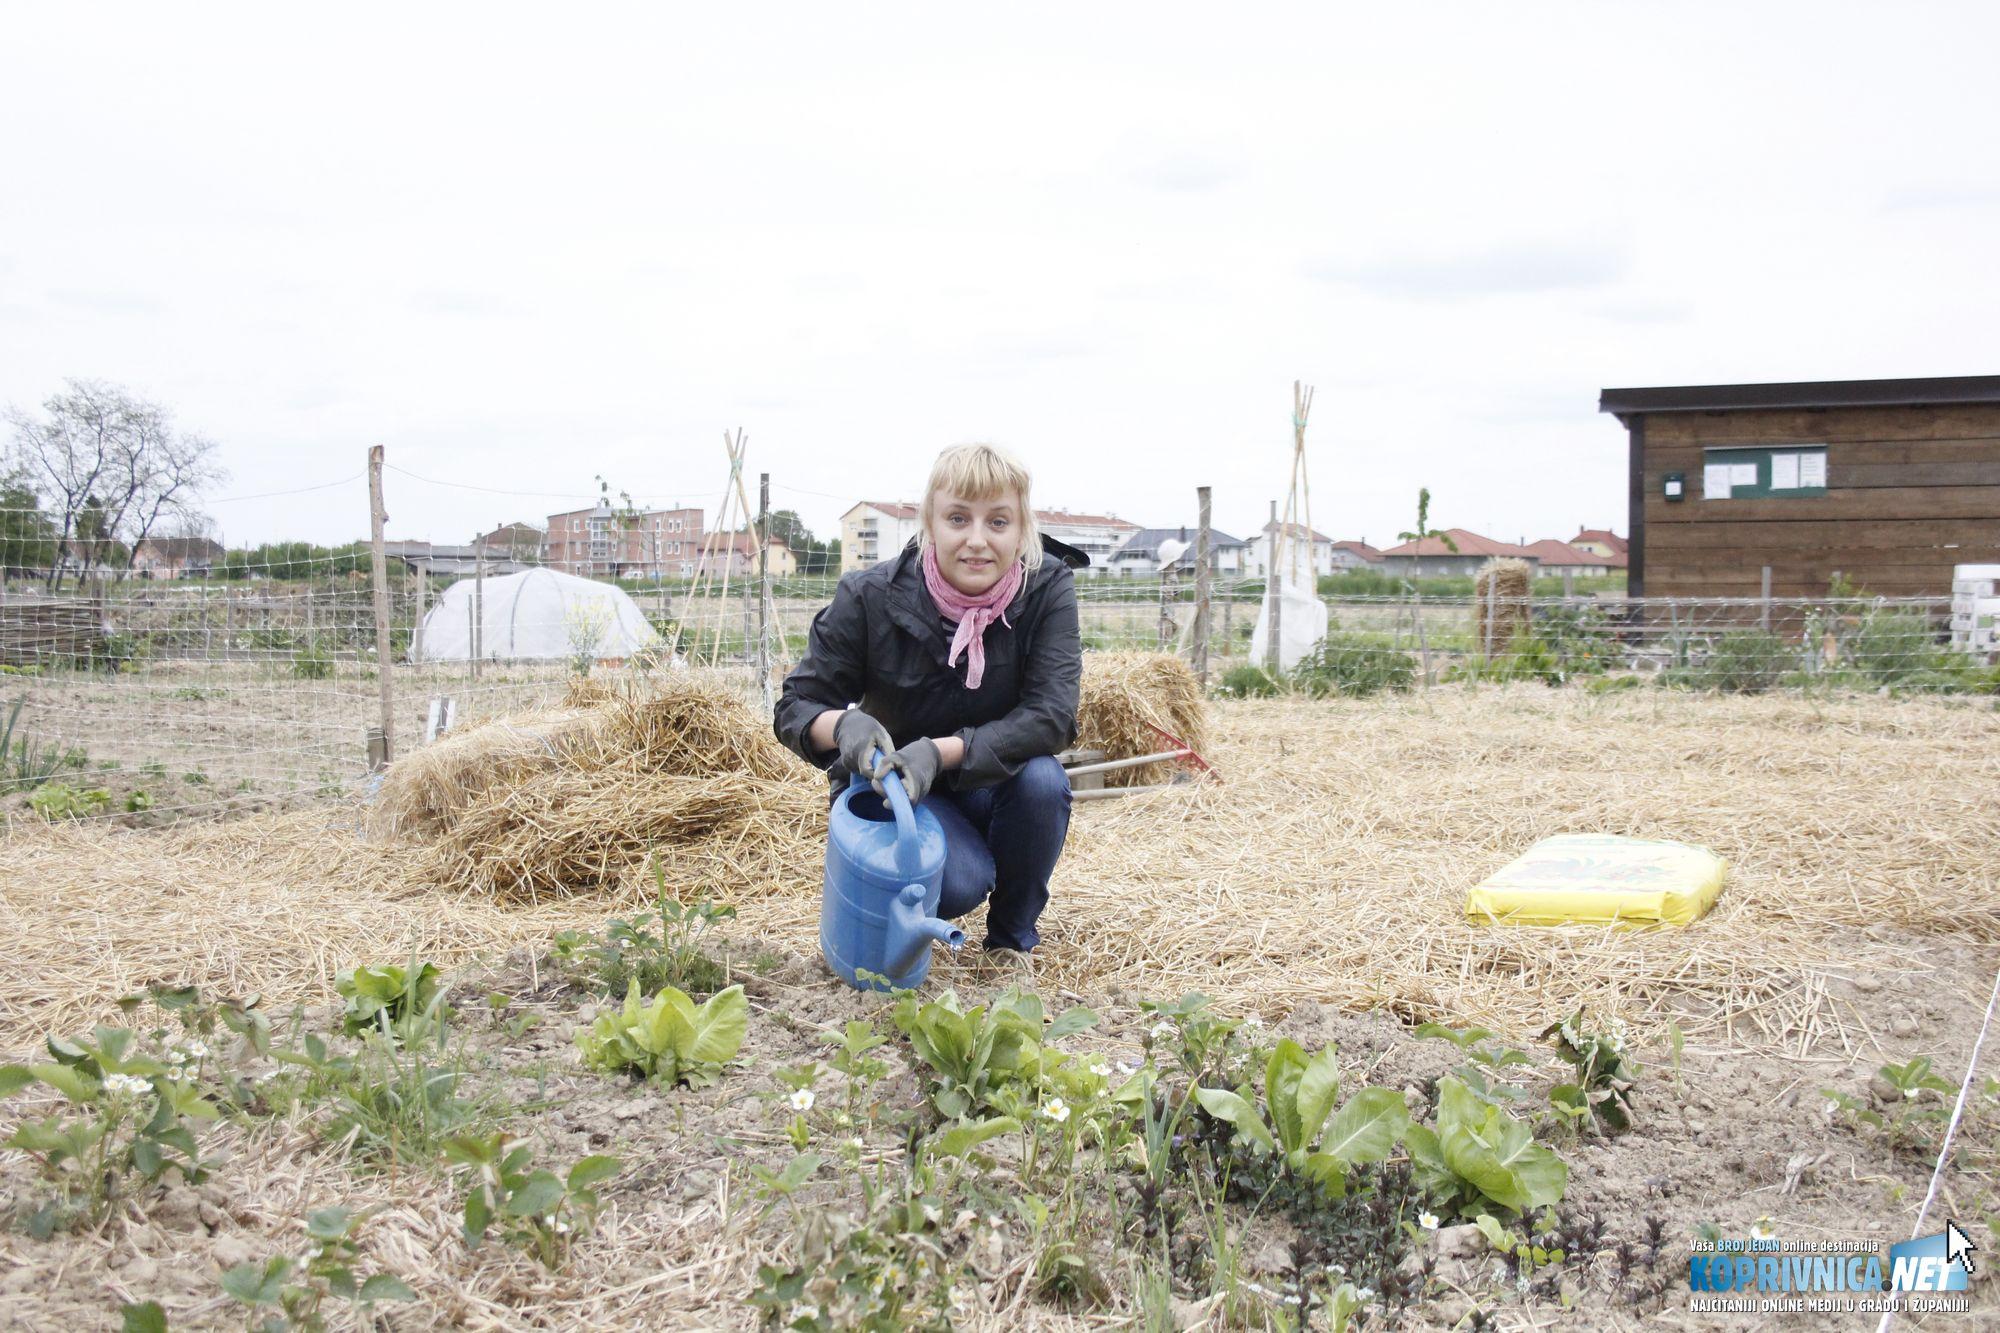 Tanja Špoljar presretna je što može uzgajati vlastito povrće // foto: Zvonimir Markač